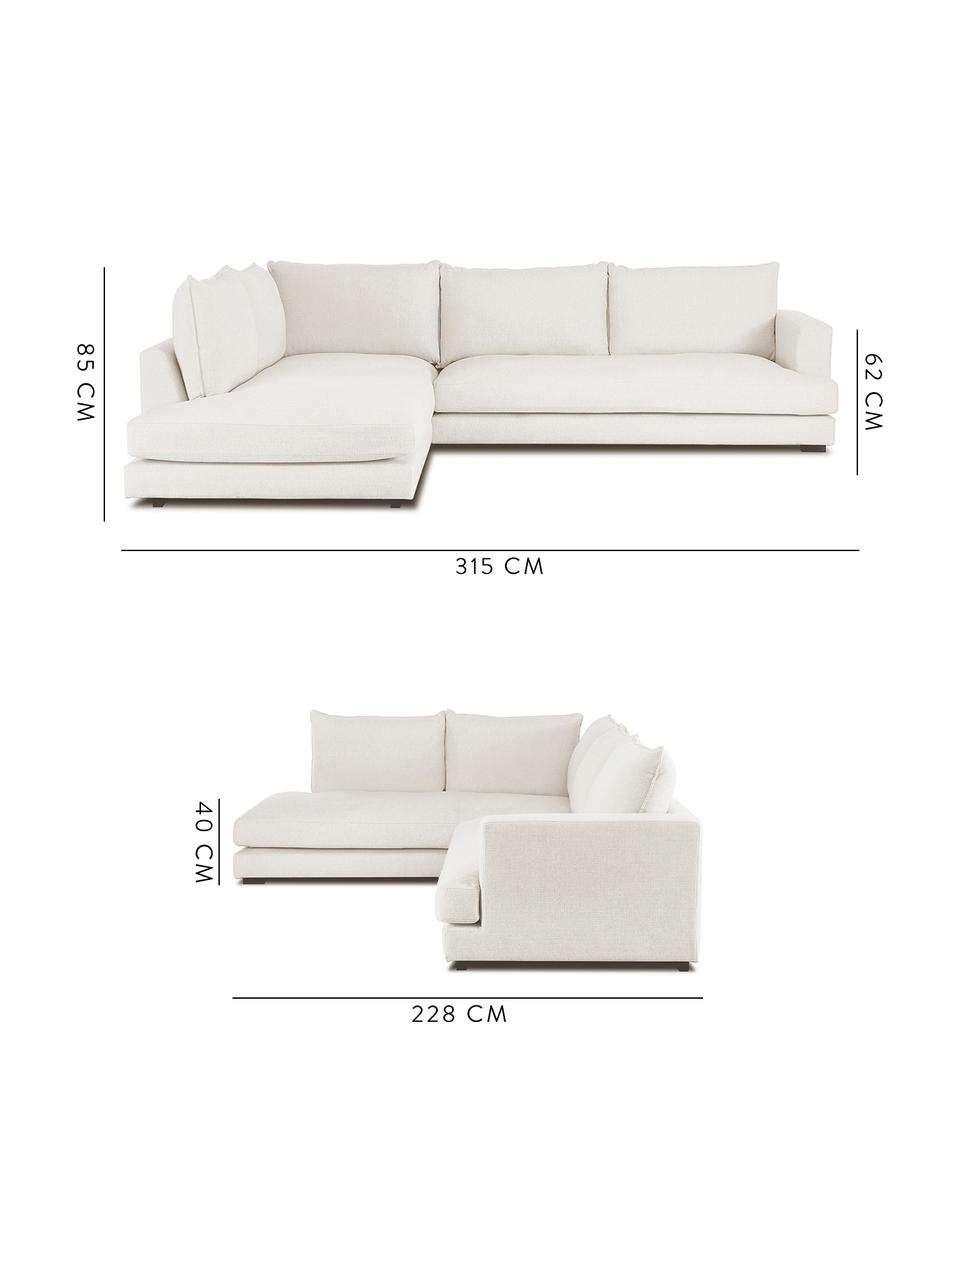 Duża sofa narożna Tribeca, Tapicerka: poliester Dzięki tkaninie, Nogi: lite drewno bukowe, lakie, Beżowy, S 315 x G 228 cm